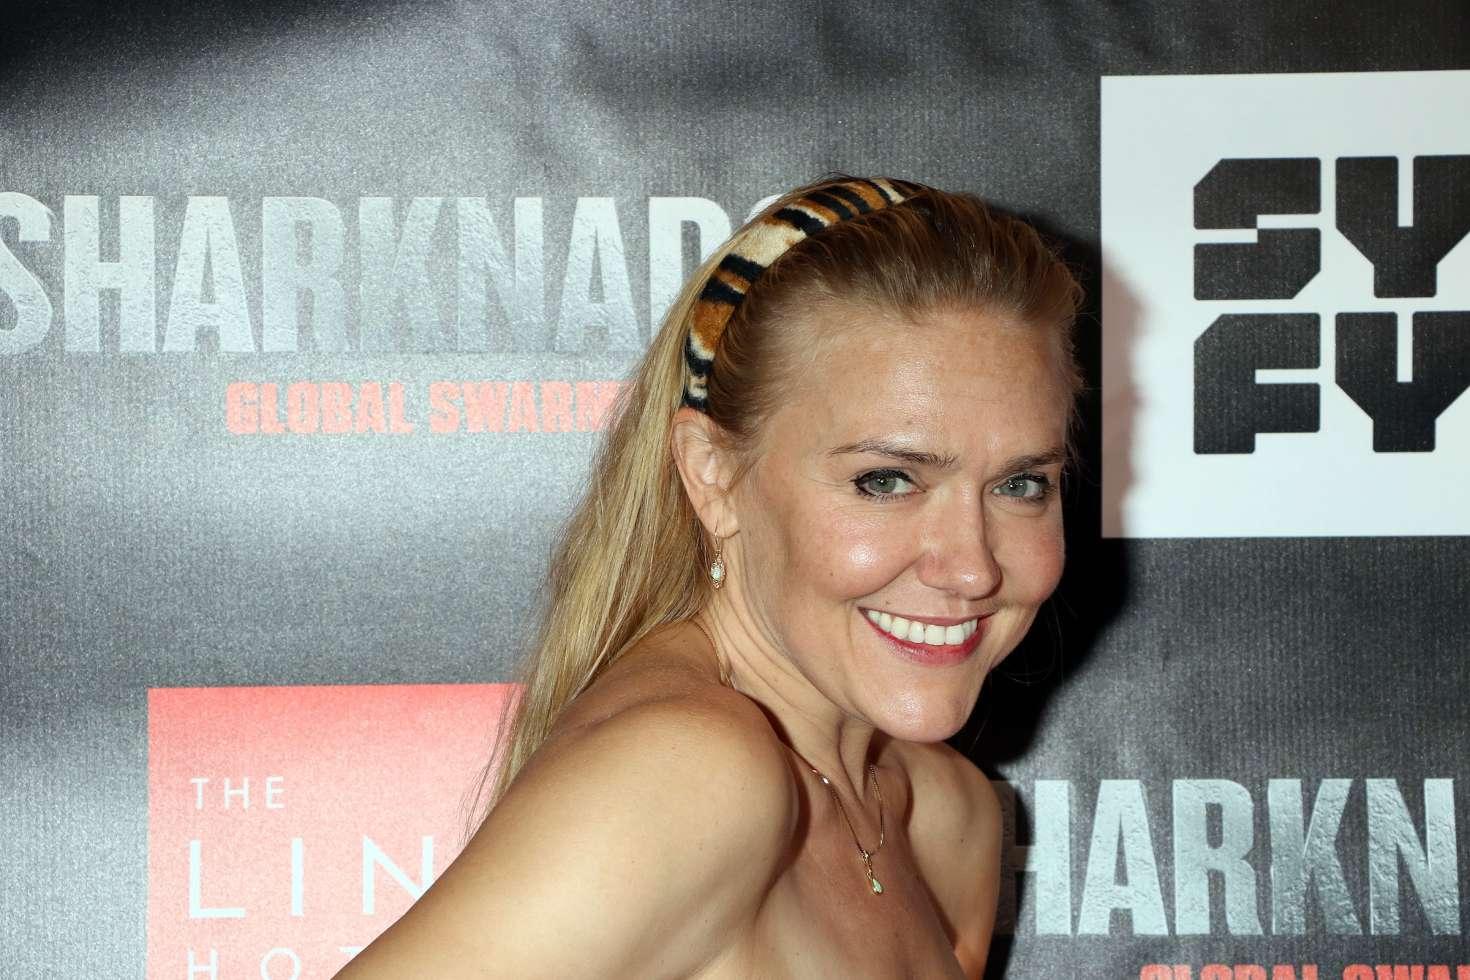 Nora Swinburne,Lark Voorhies born March 25, 1974 (age 44) XXX nude Charito de Leon (b. 1939),Olivia Cole